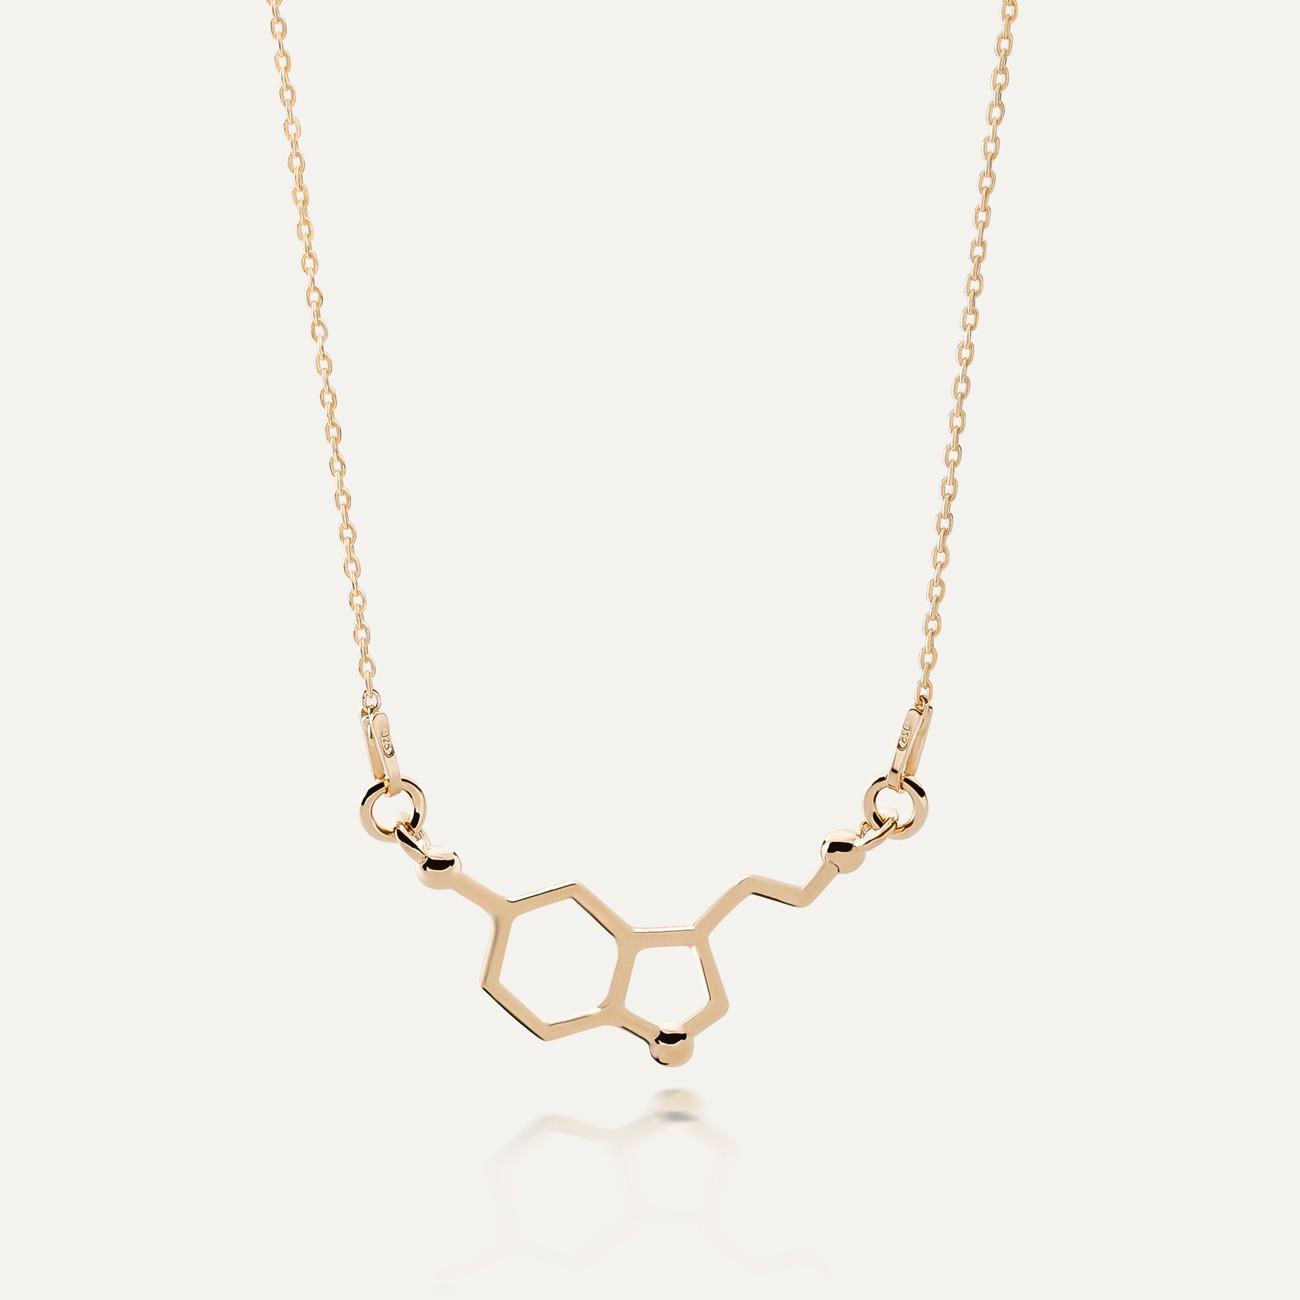 Halskette SEROTONIN chemische formel